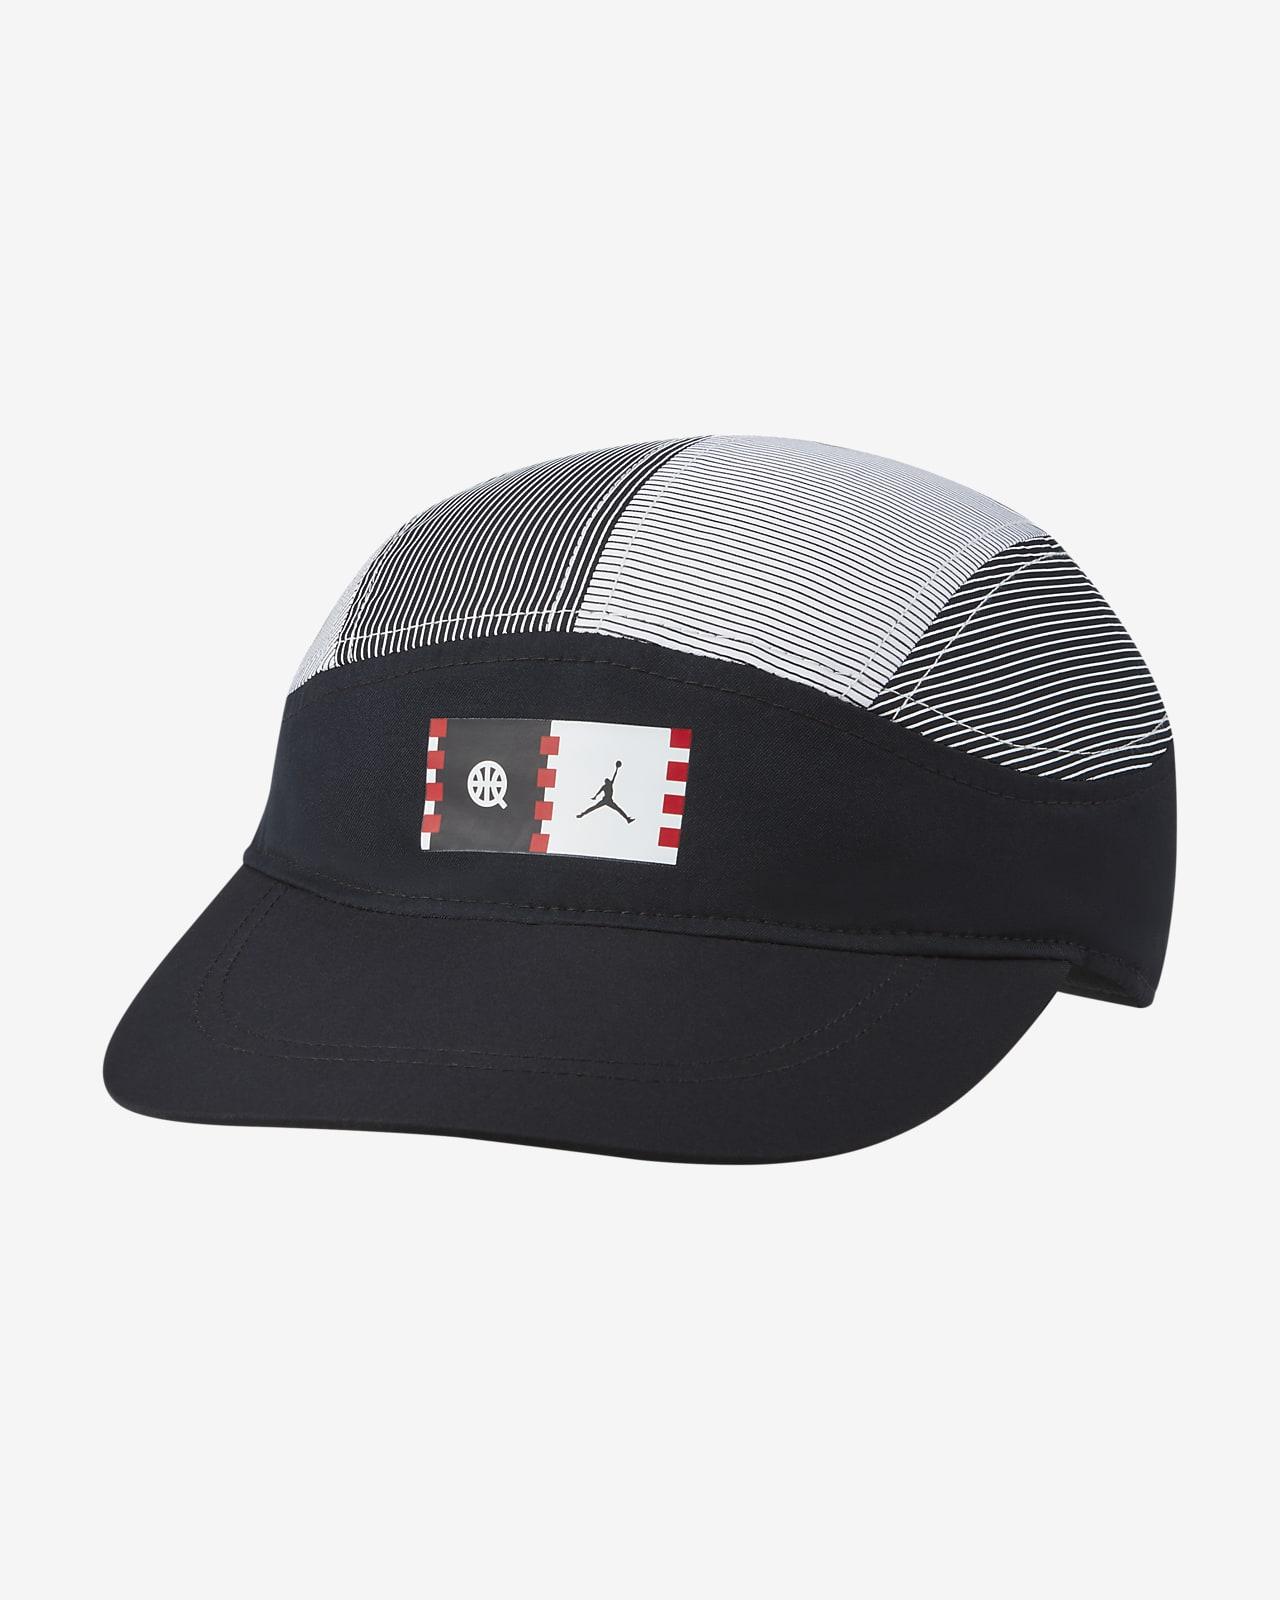 Jordan Quai 54 Tailwind Cap